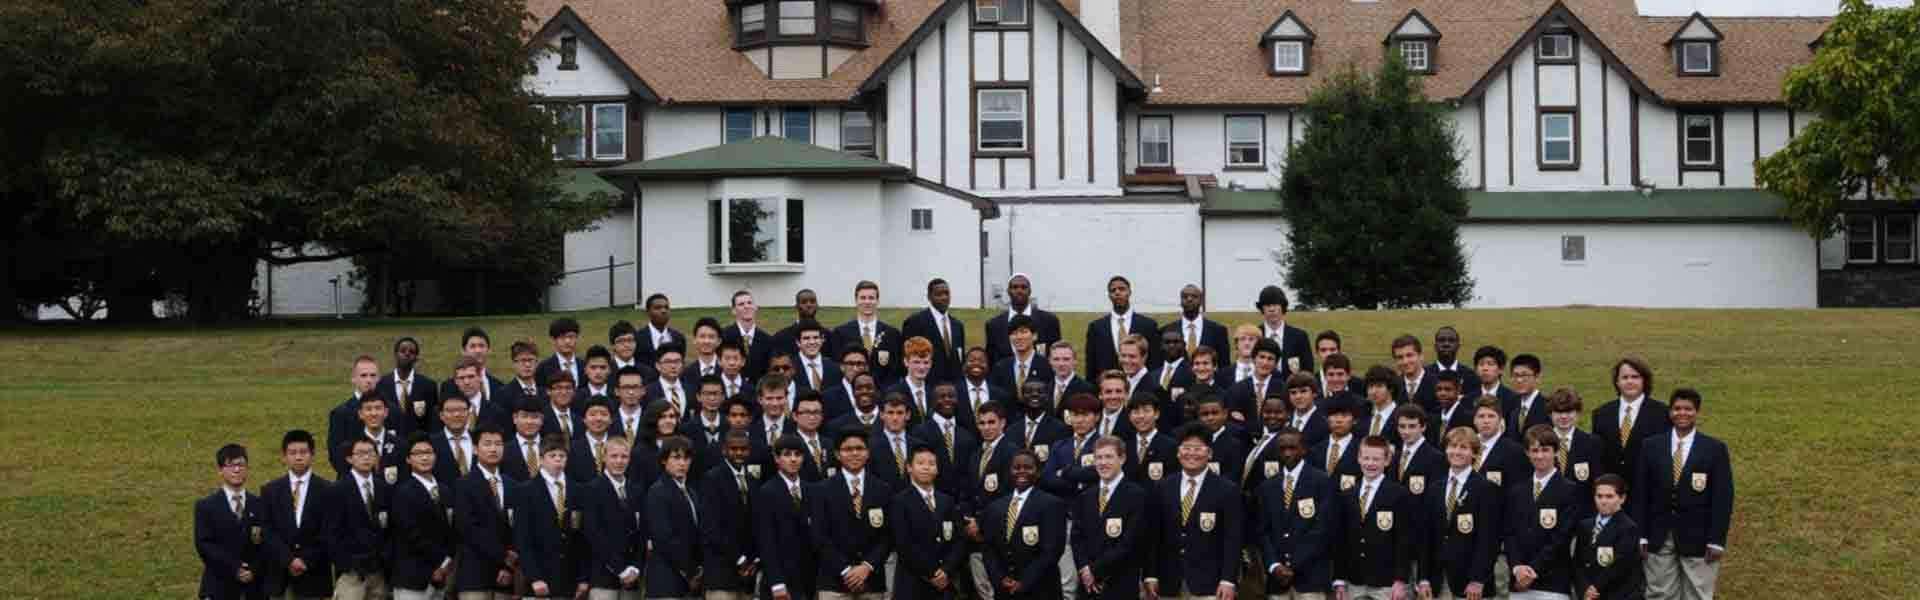 Phelps Pennsylvania USA Group Banner 2019